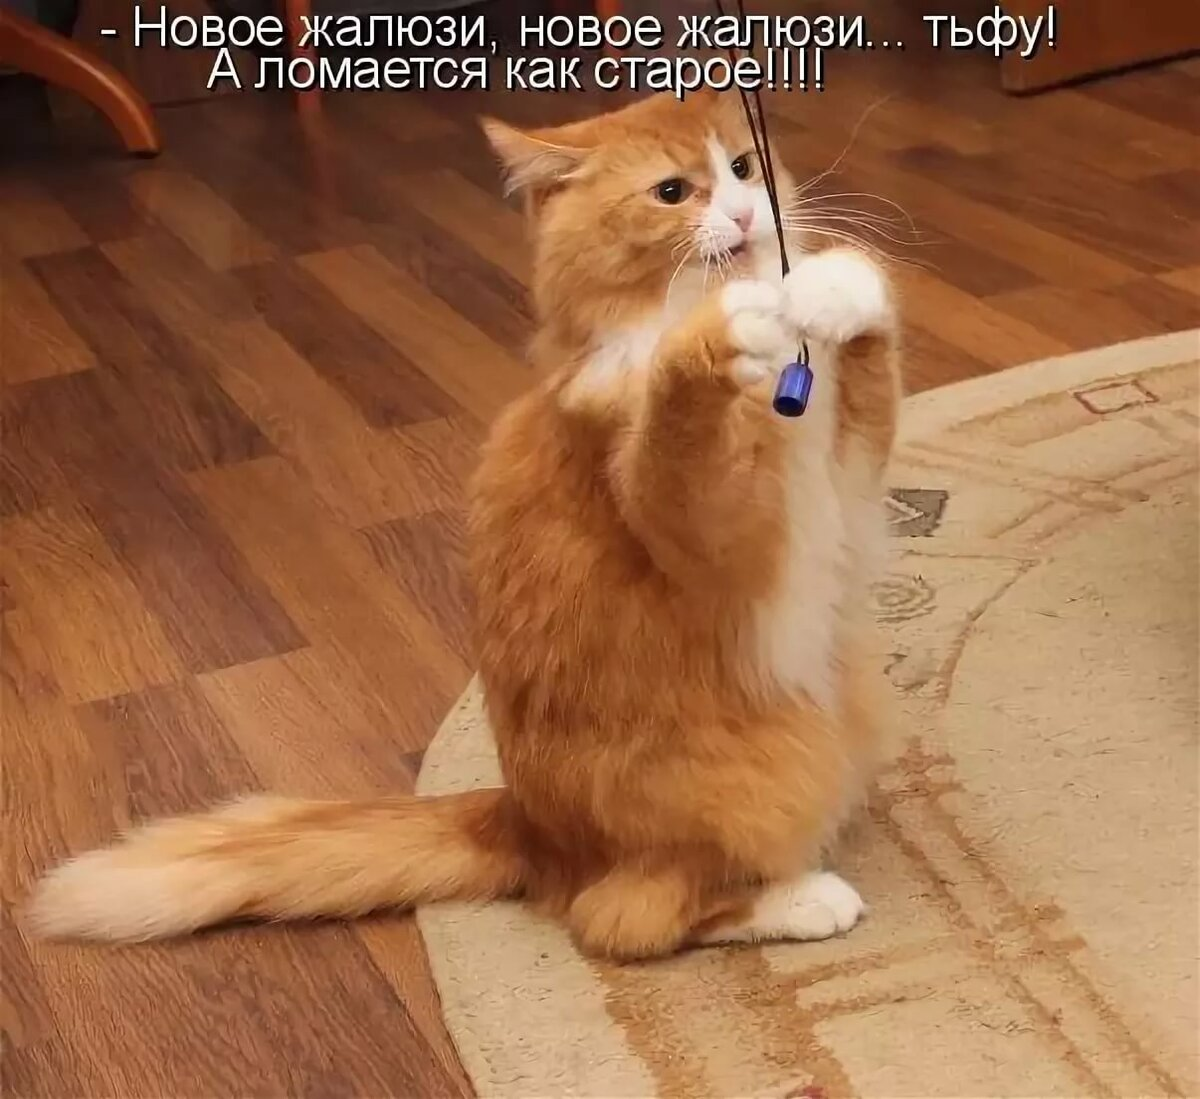 Надписью, смешные коты в картинках с надписями